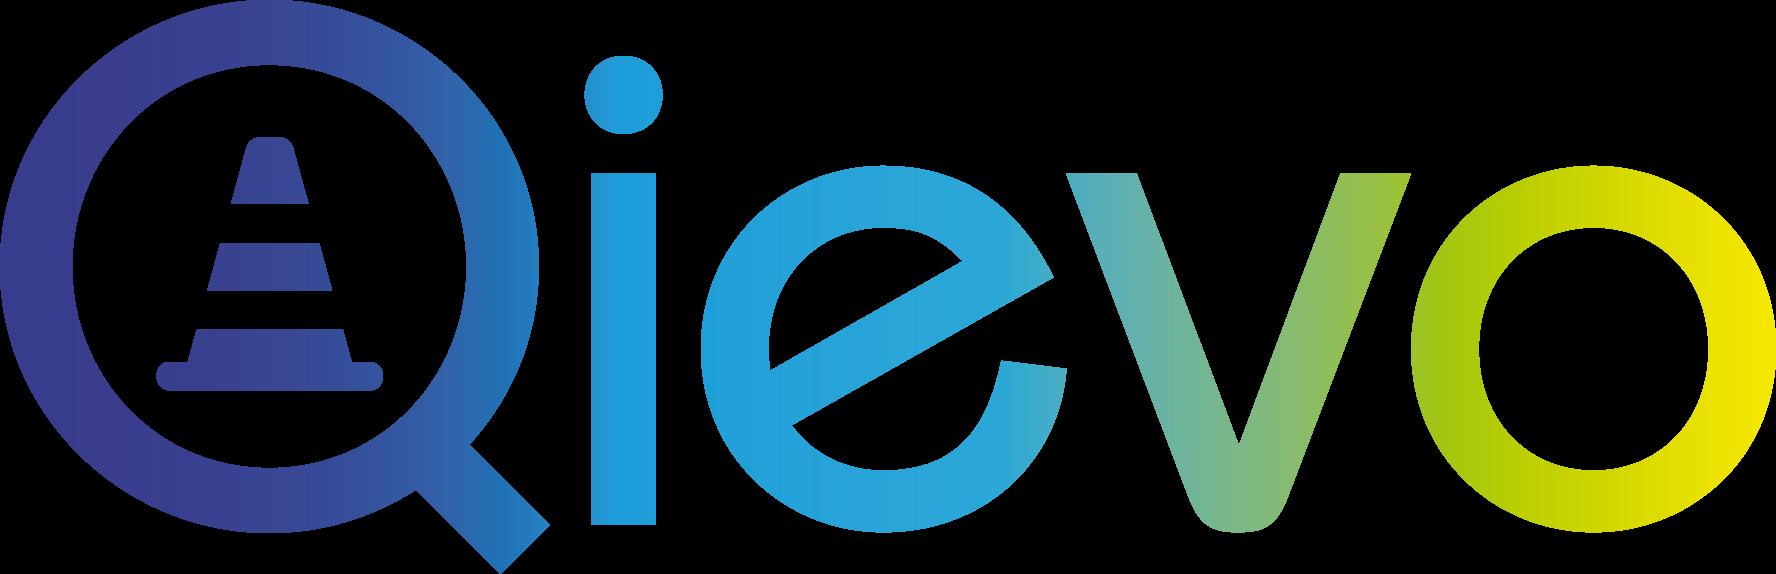 Qievo